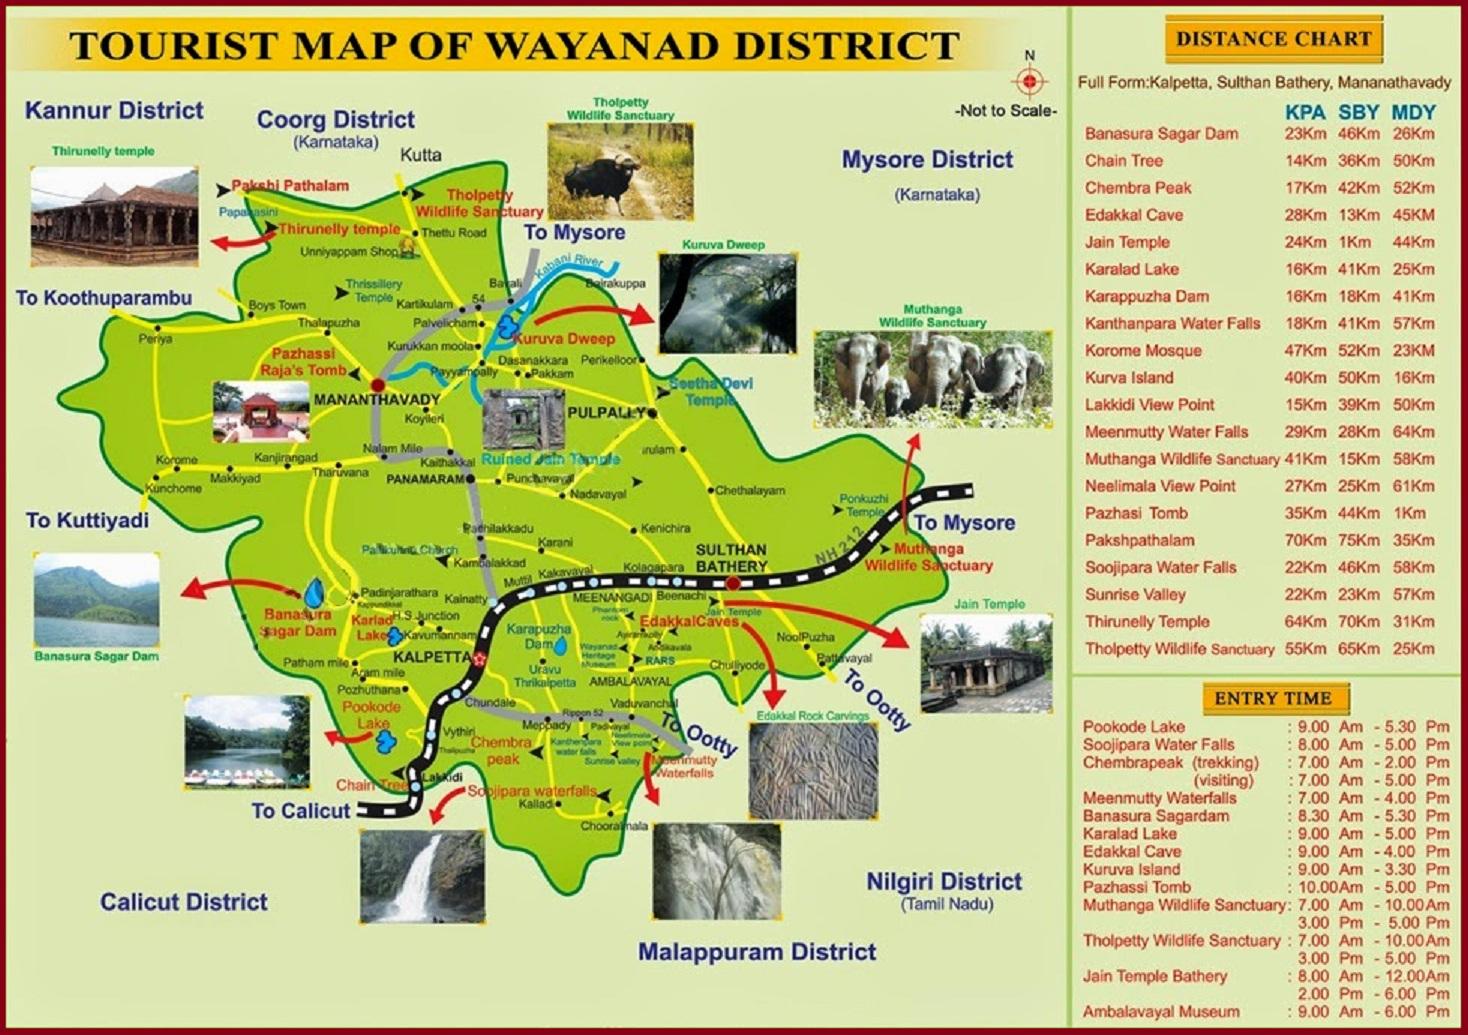 wayanad tourism map  tourist places in wayanad  tourist  - wayanad tourism map  tourist places in wayanad  tourist attractions inwayanadu  in and around wayanadu